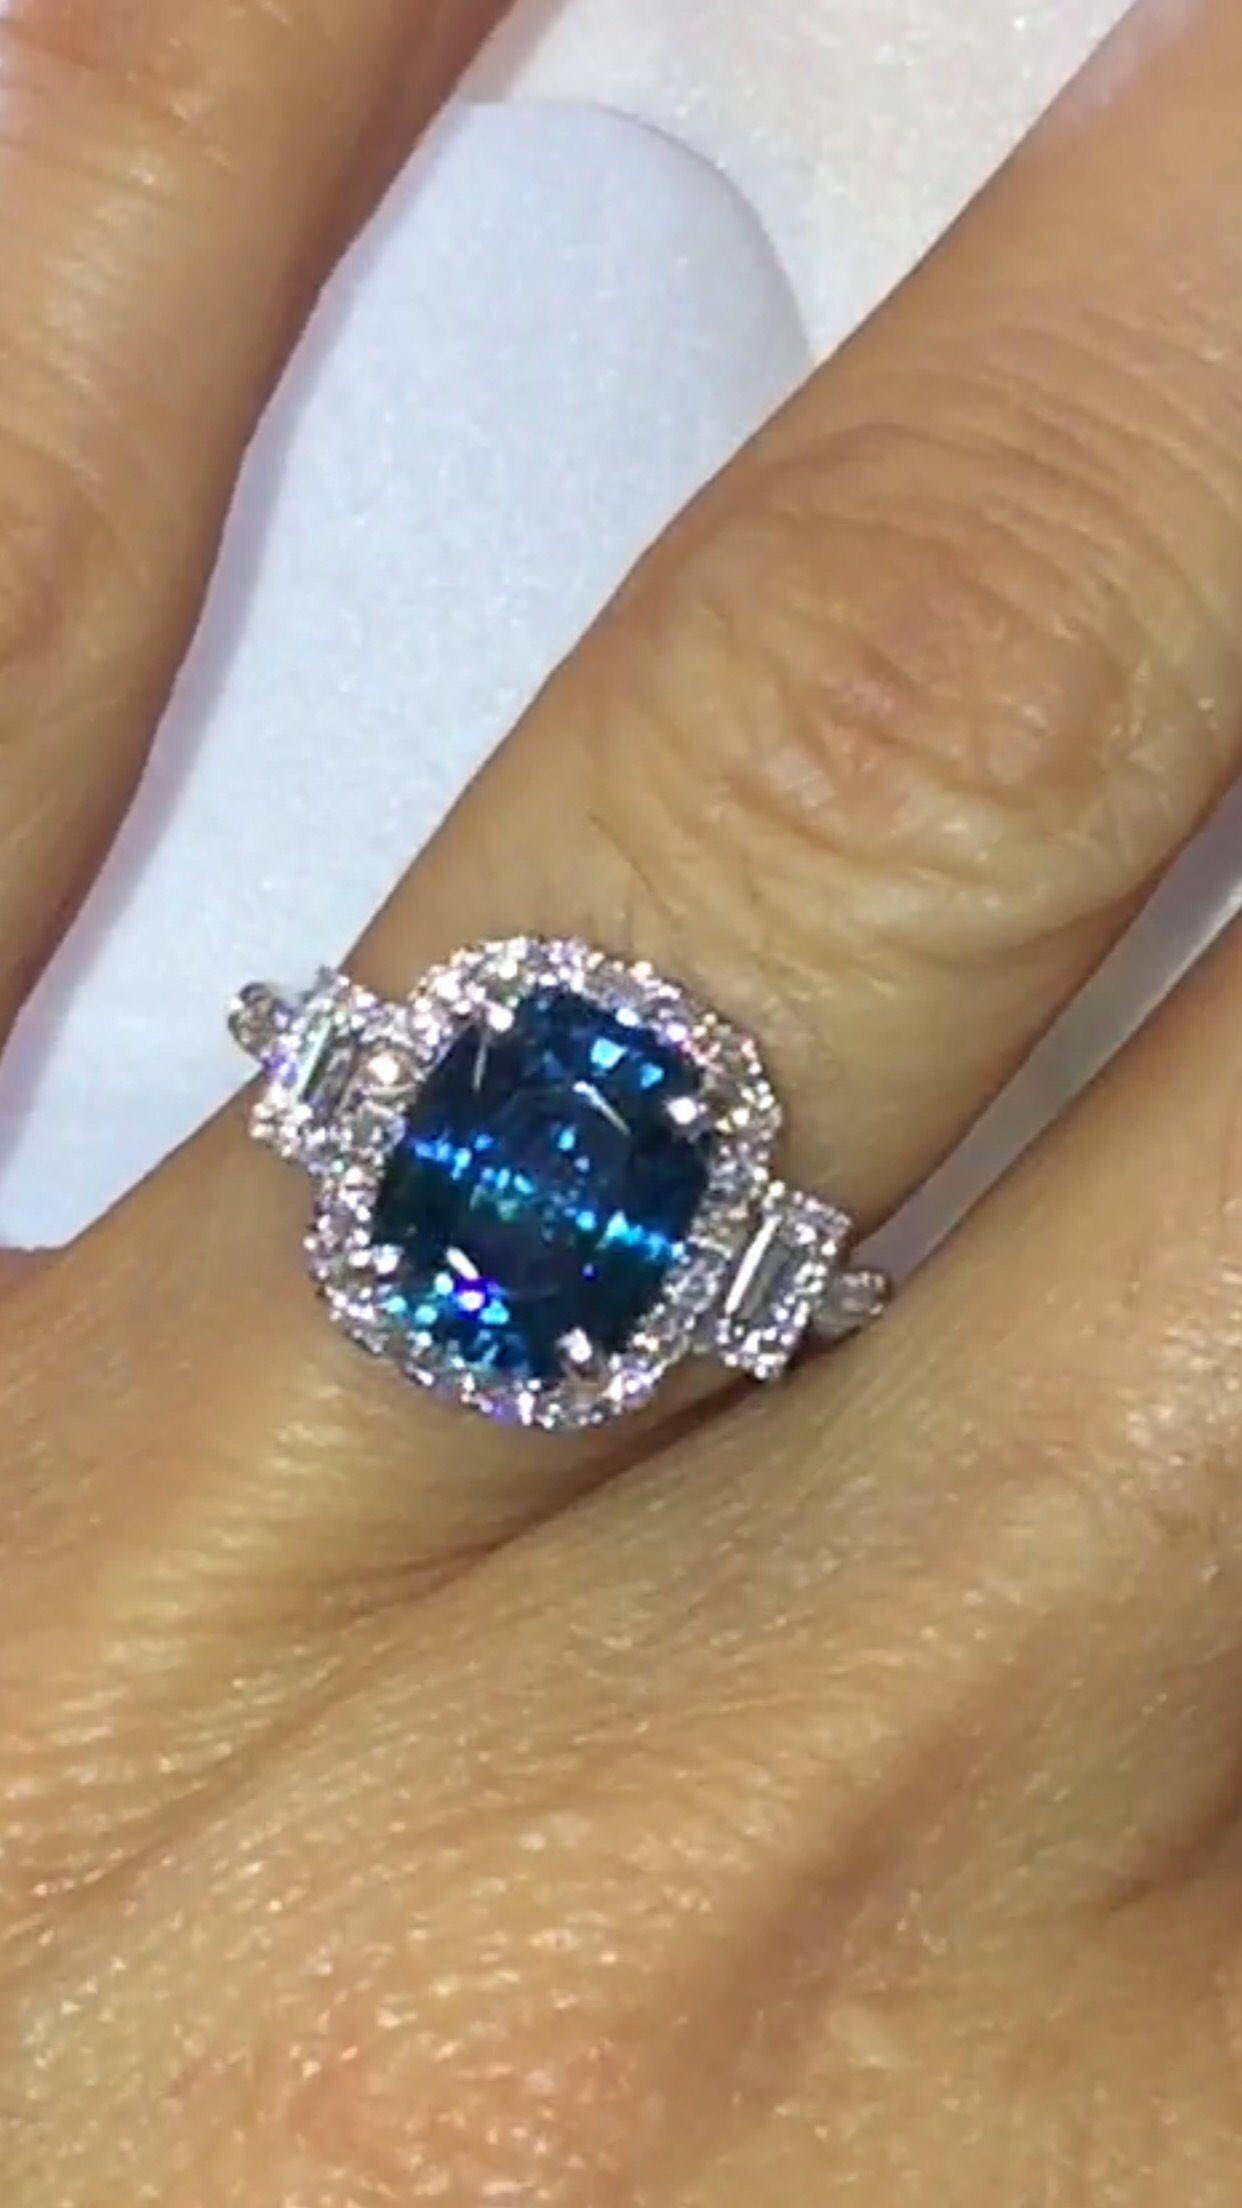 Blue Zircon Engagement Ring 6.62tw Diamond/Zircon Halo